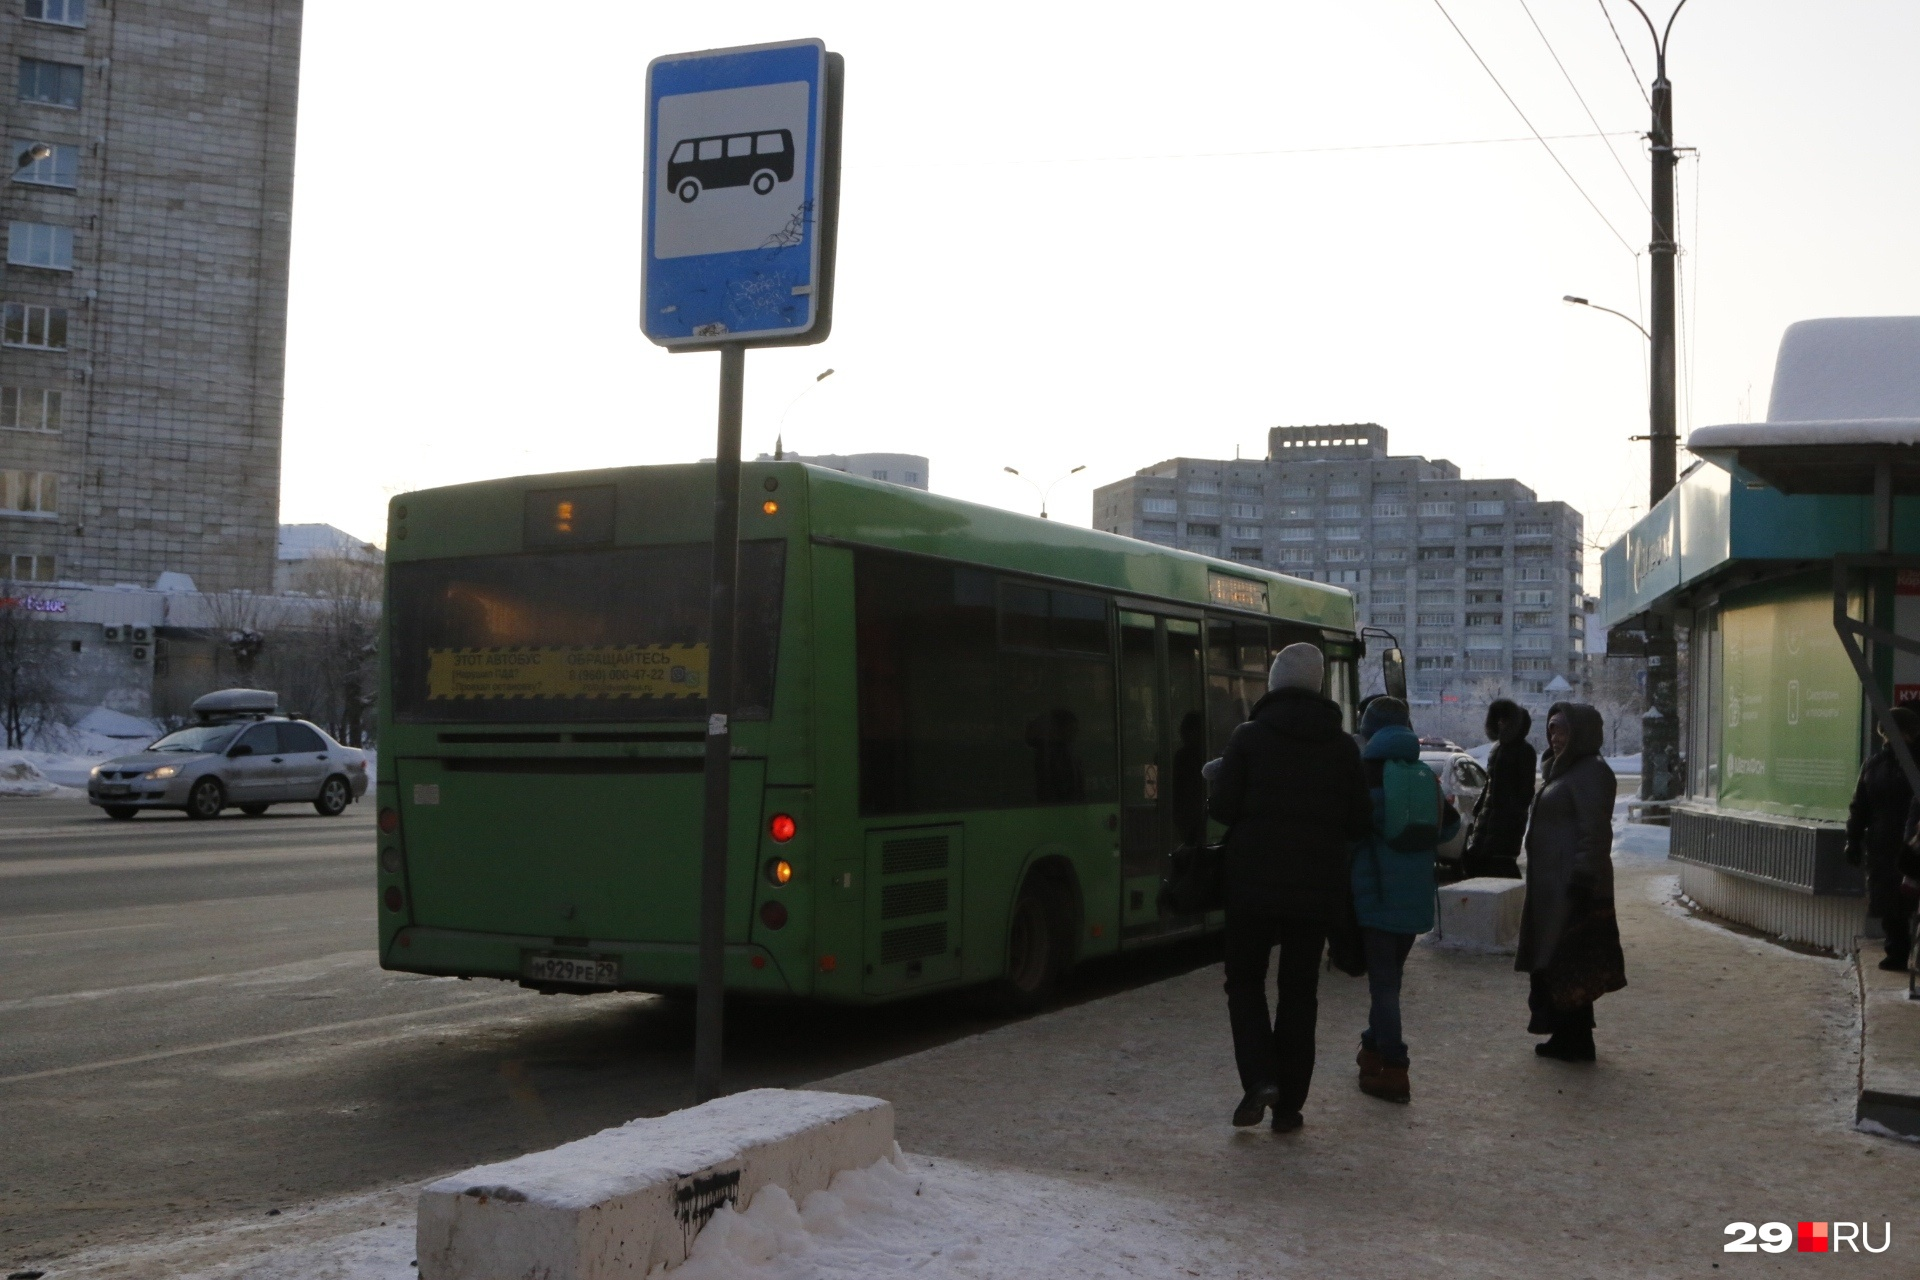 Сначала — нормальные автобусы, потом — повышение цены. Так считает студент из Архангельска